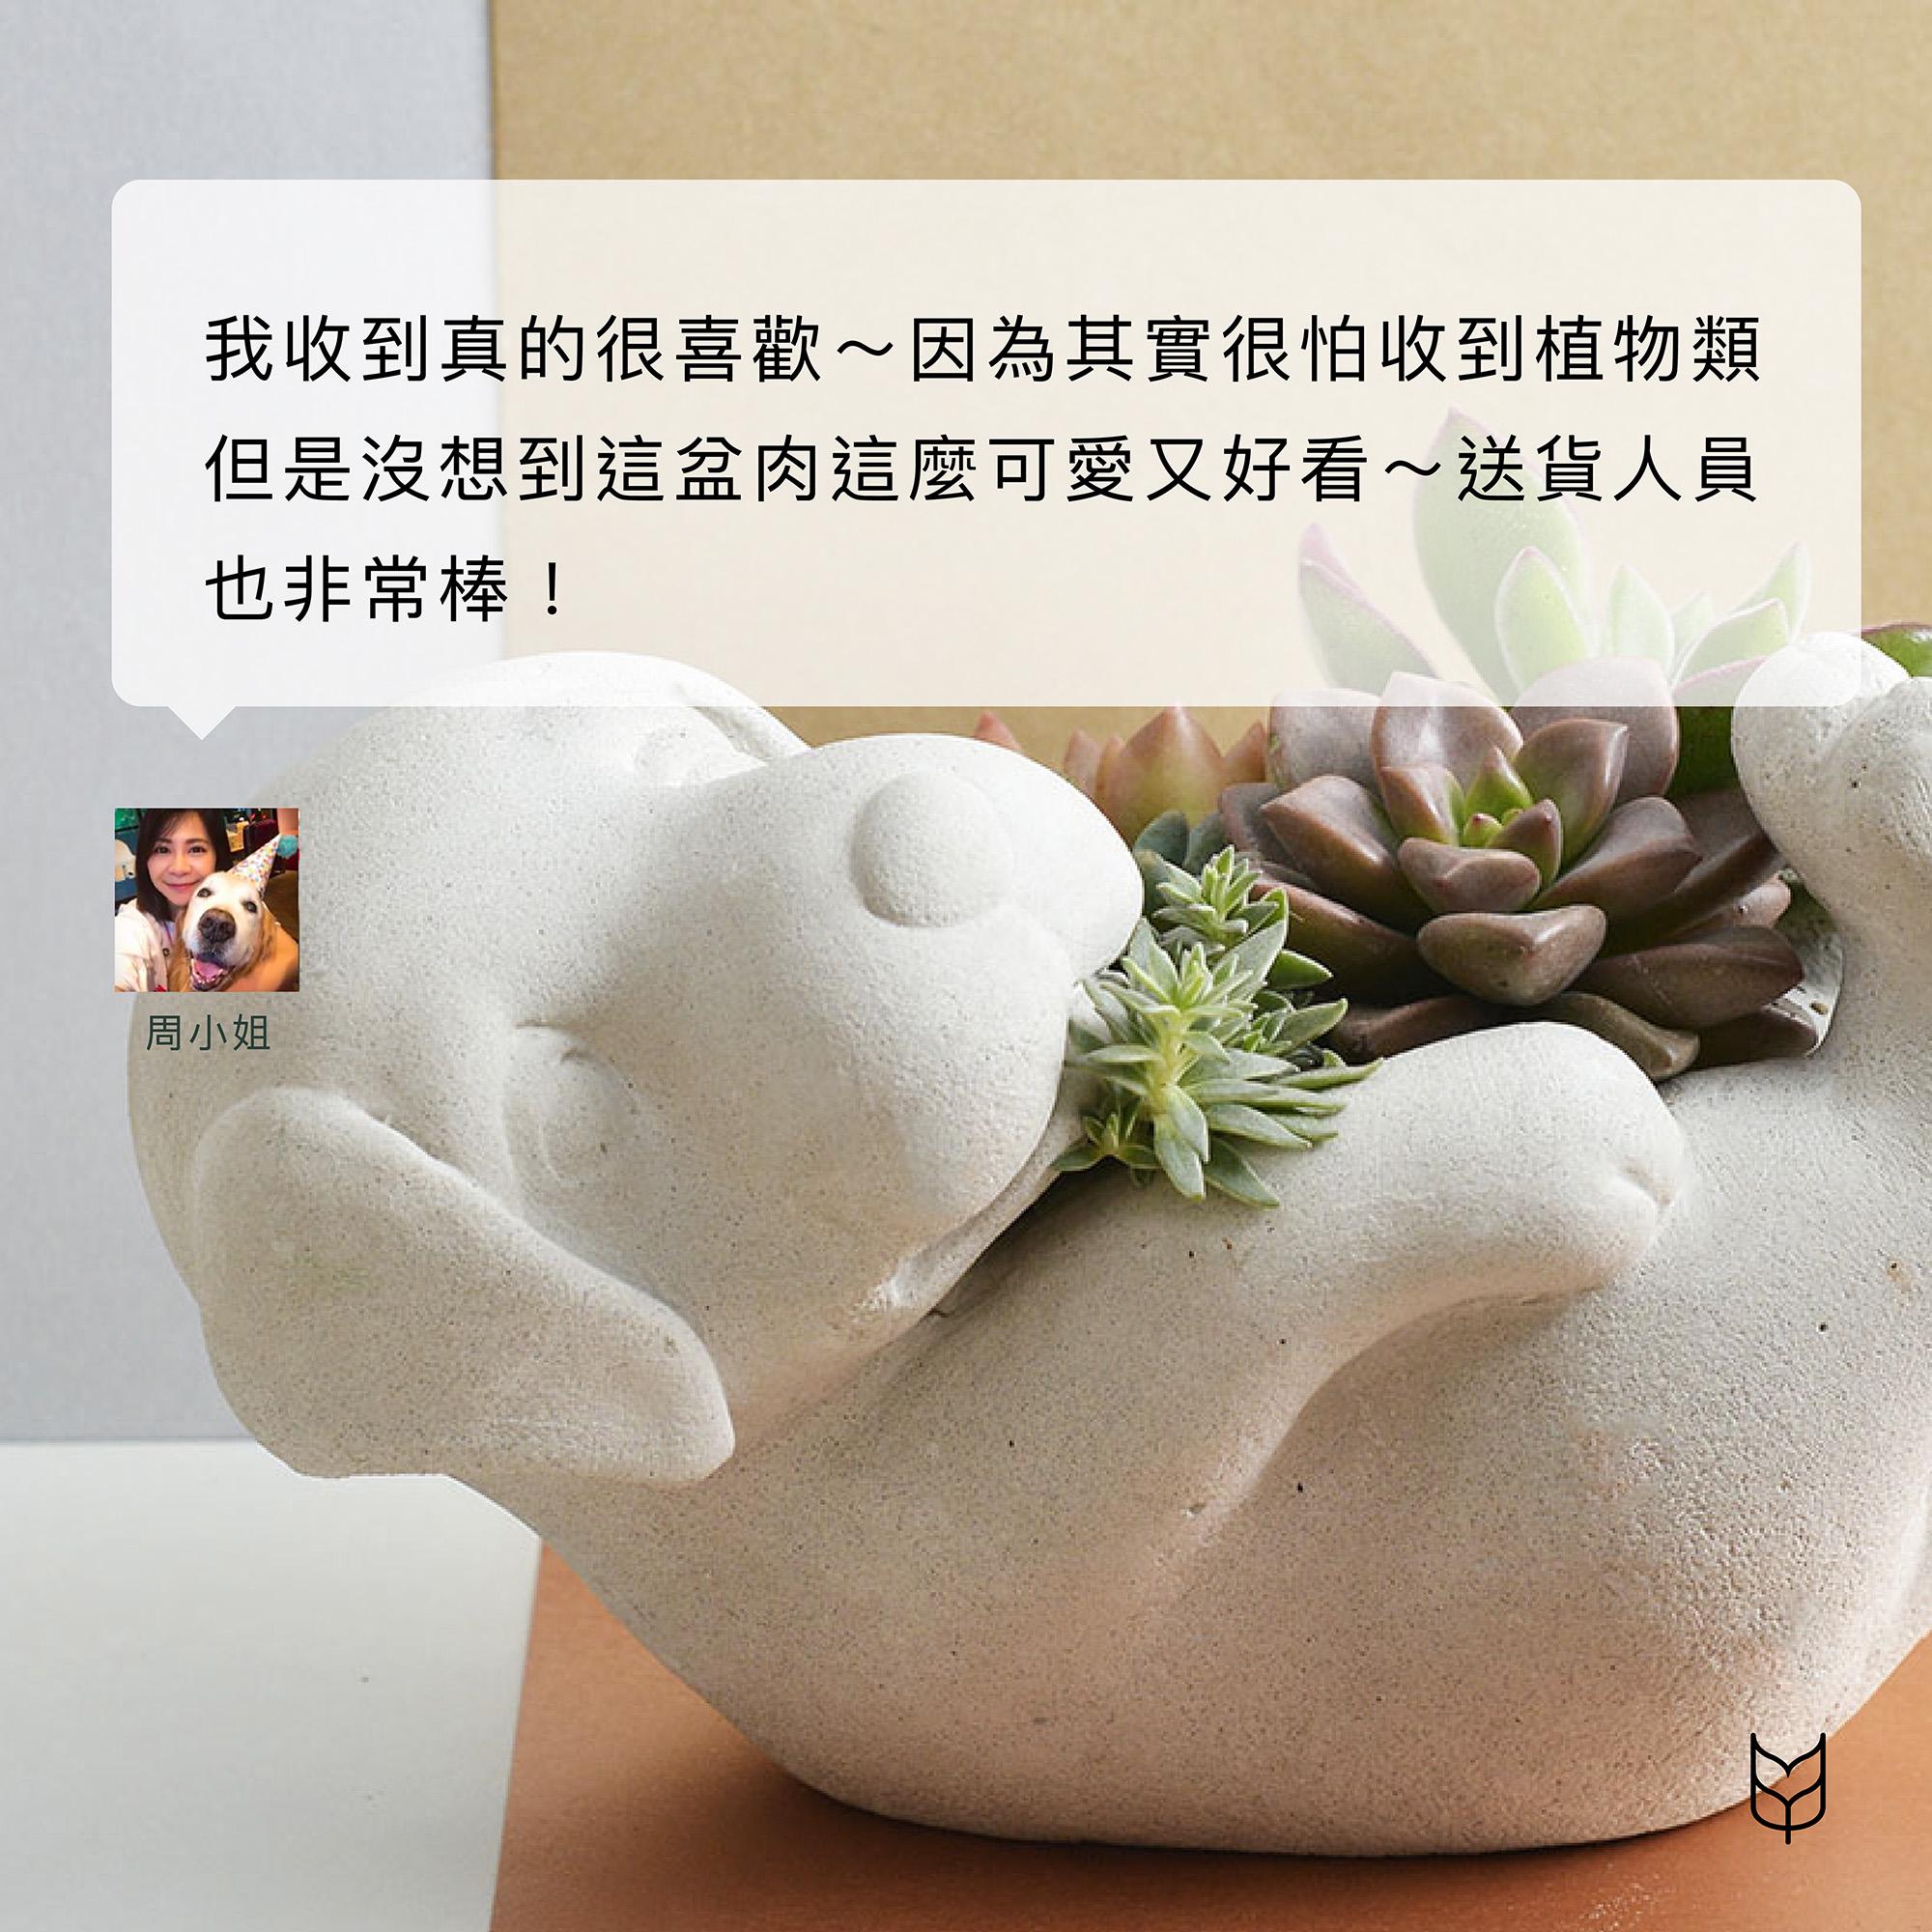 姬朧月, 佛甲草 推薦 送禮盆栽客戶推薦